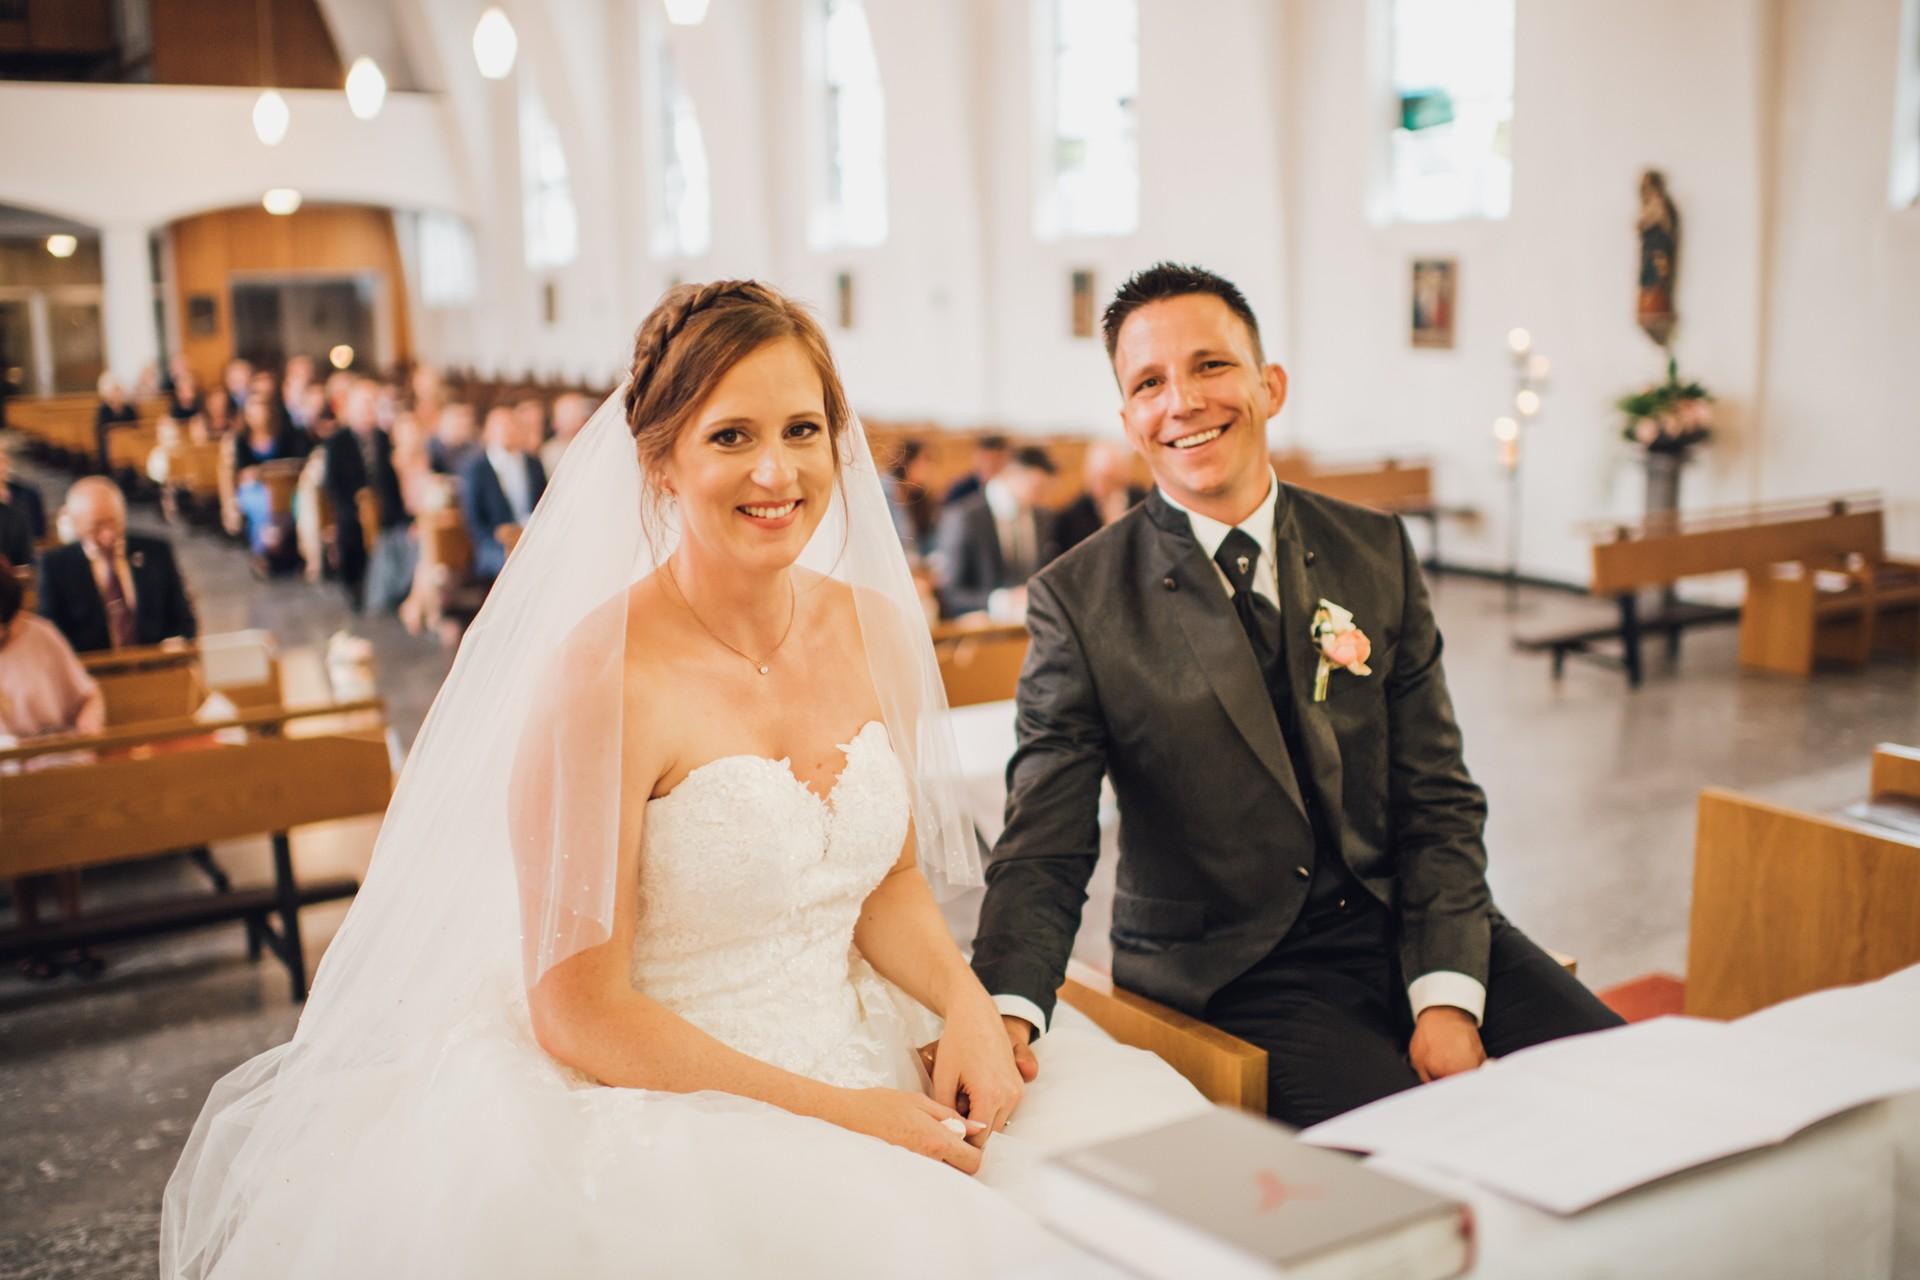 Hochzeit  Hochzeit im Energeticon in Alsdorf: Katrin und Jens